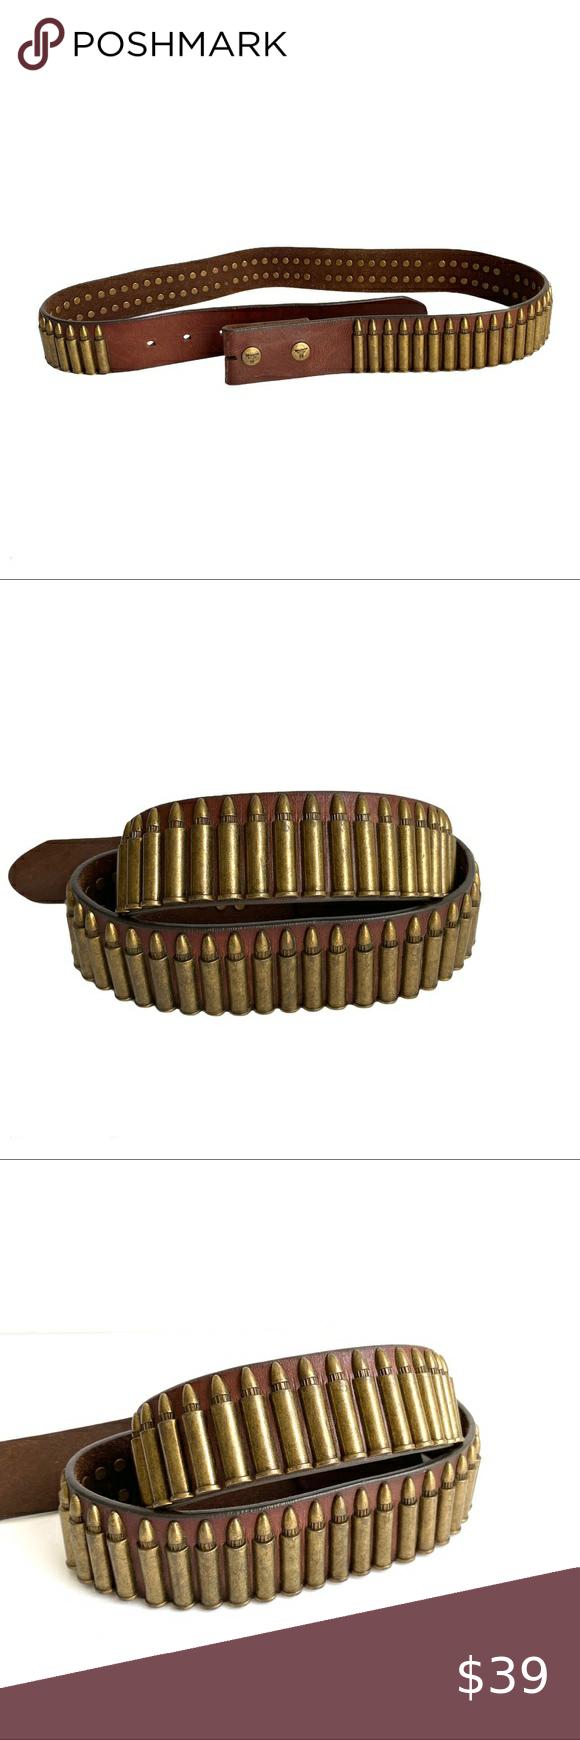 M16 223 5 56 Bullet Belt 2 4 8 Extensions Brass Copper New M249 Saw Brass Copper Belt Brass